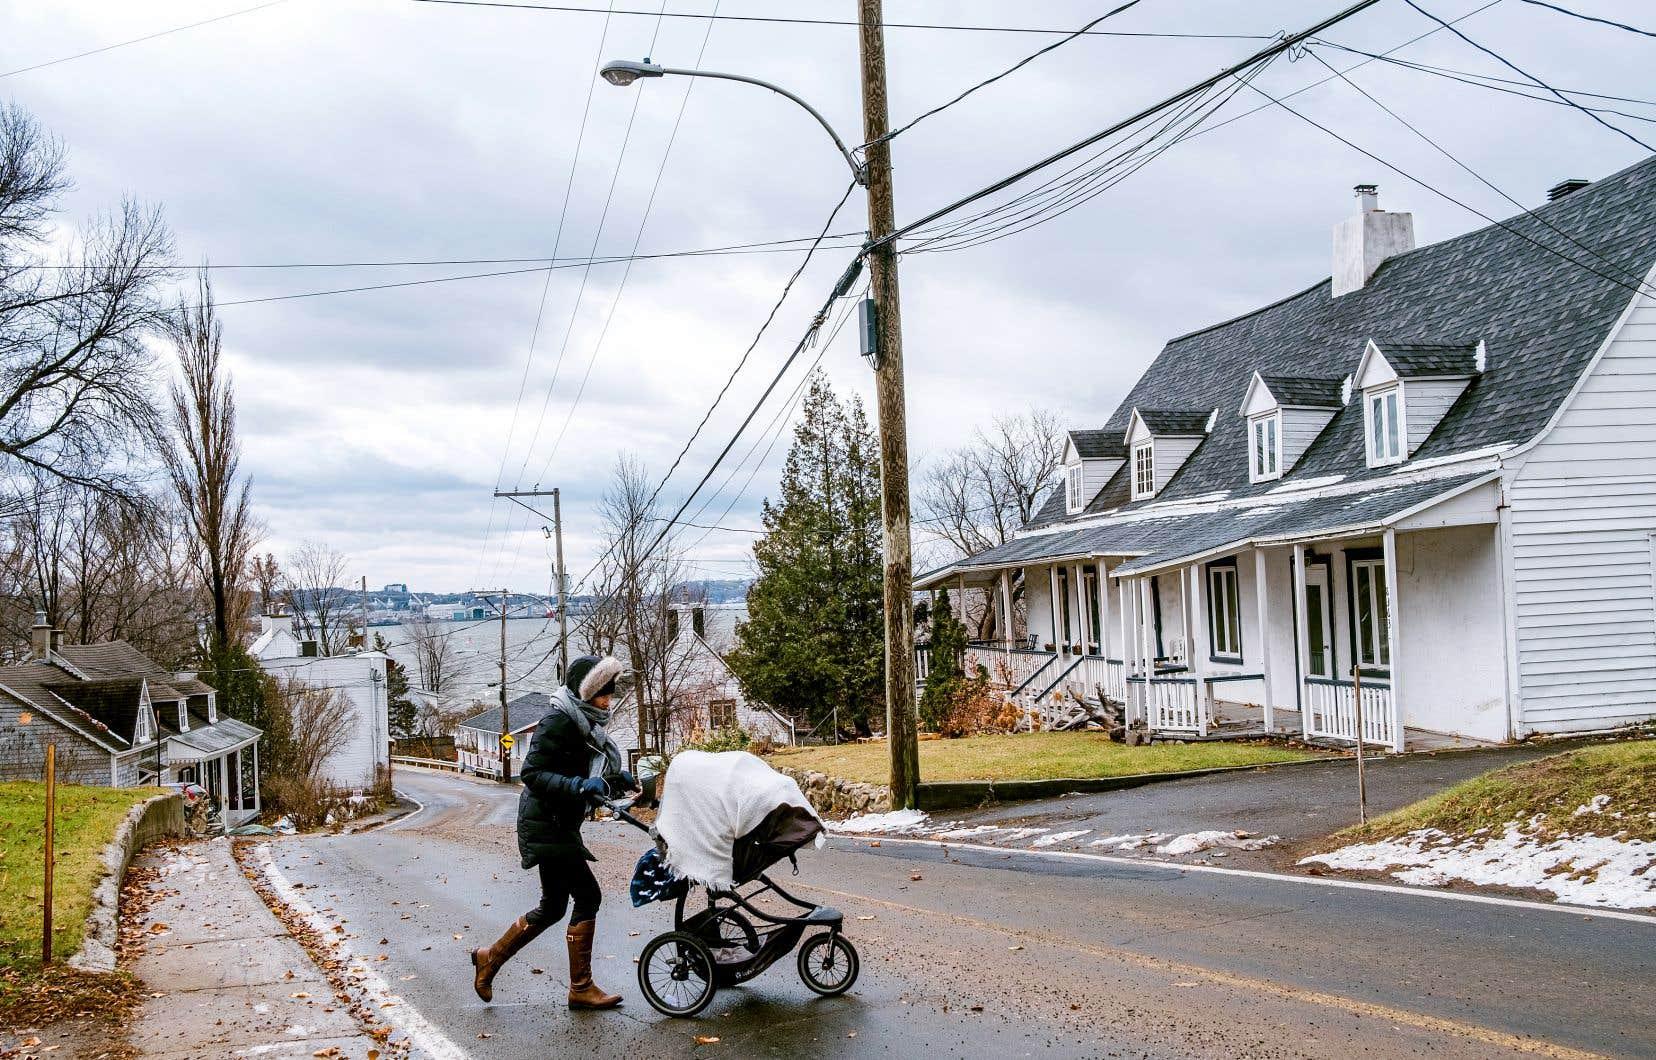 Contrairement à Sainte-Pétronille (sur la photo), les municipalités de Saint-Jean, de Saint-Pierre et de Sainte-Famille ont déjà enfoui une partie de leurs fils au cours des dix dernières années. Hydro subventionne toujours de tels projets, mais les villes héritent maintenant d'un fardeau financier plus important.